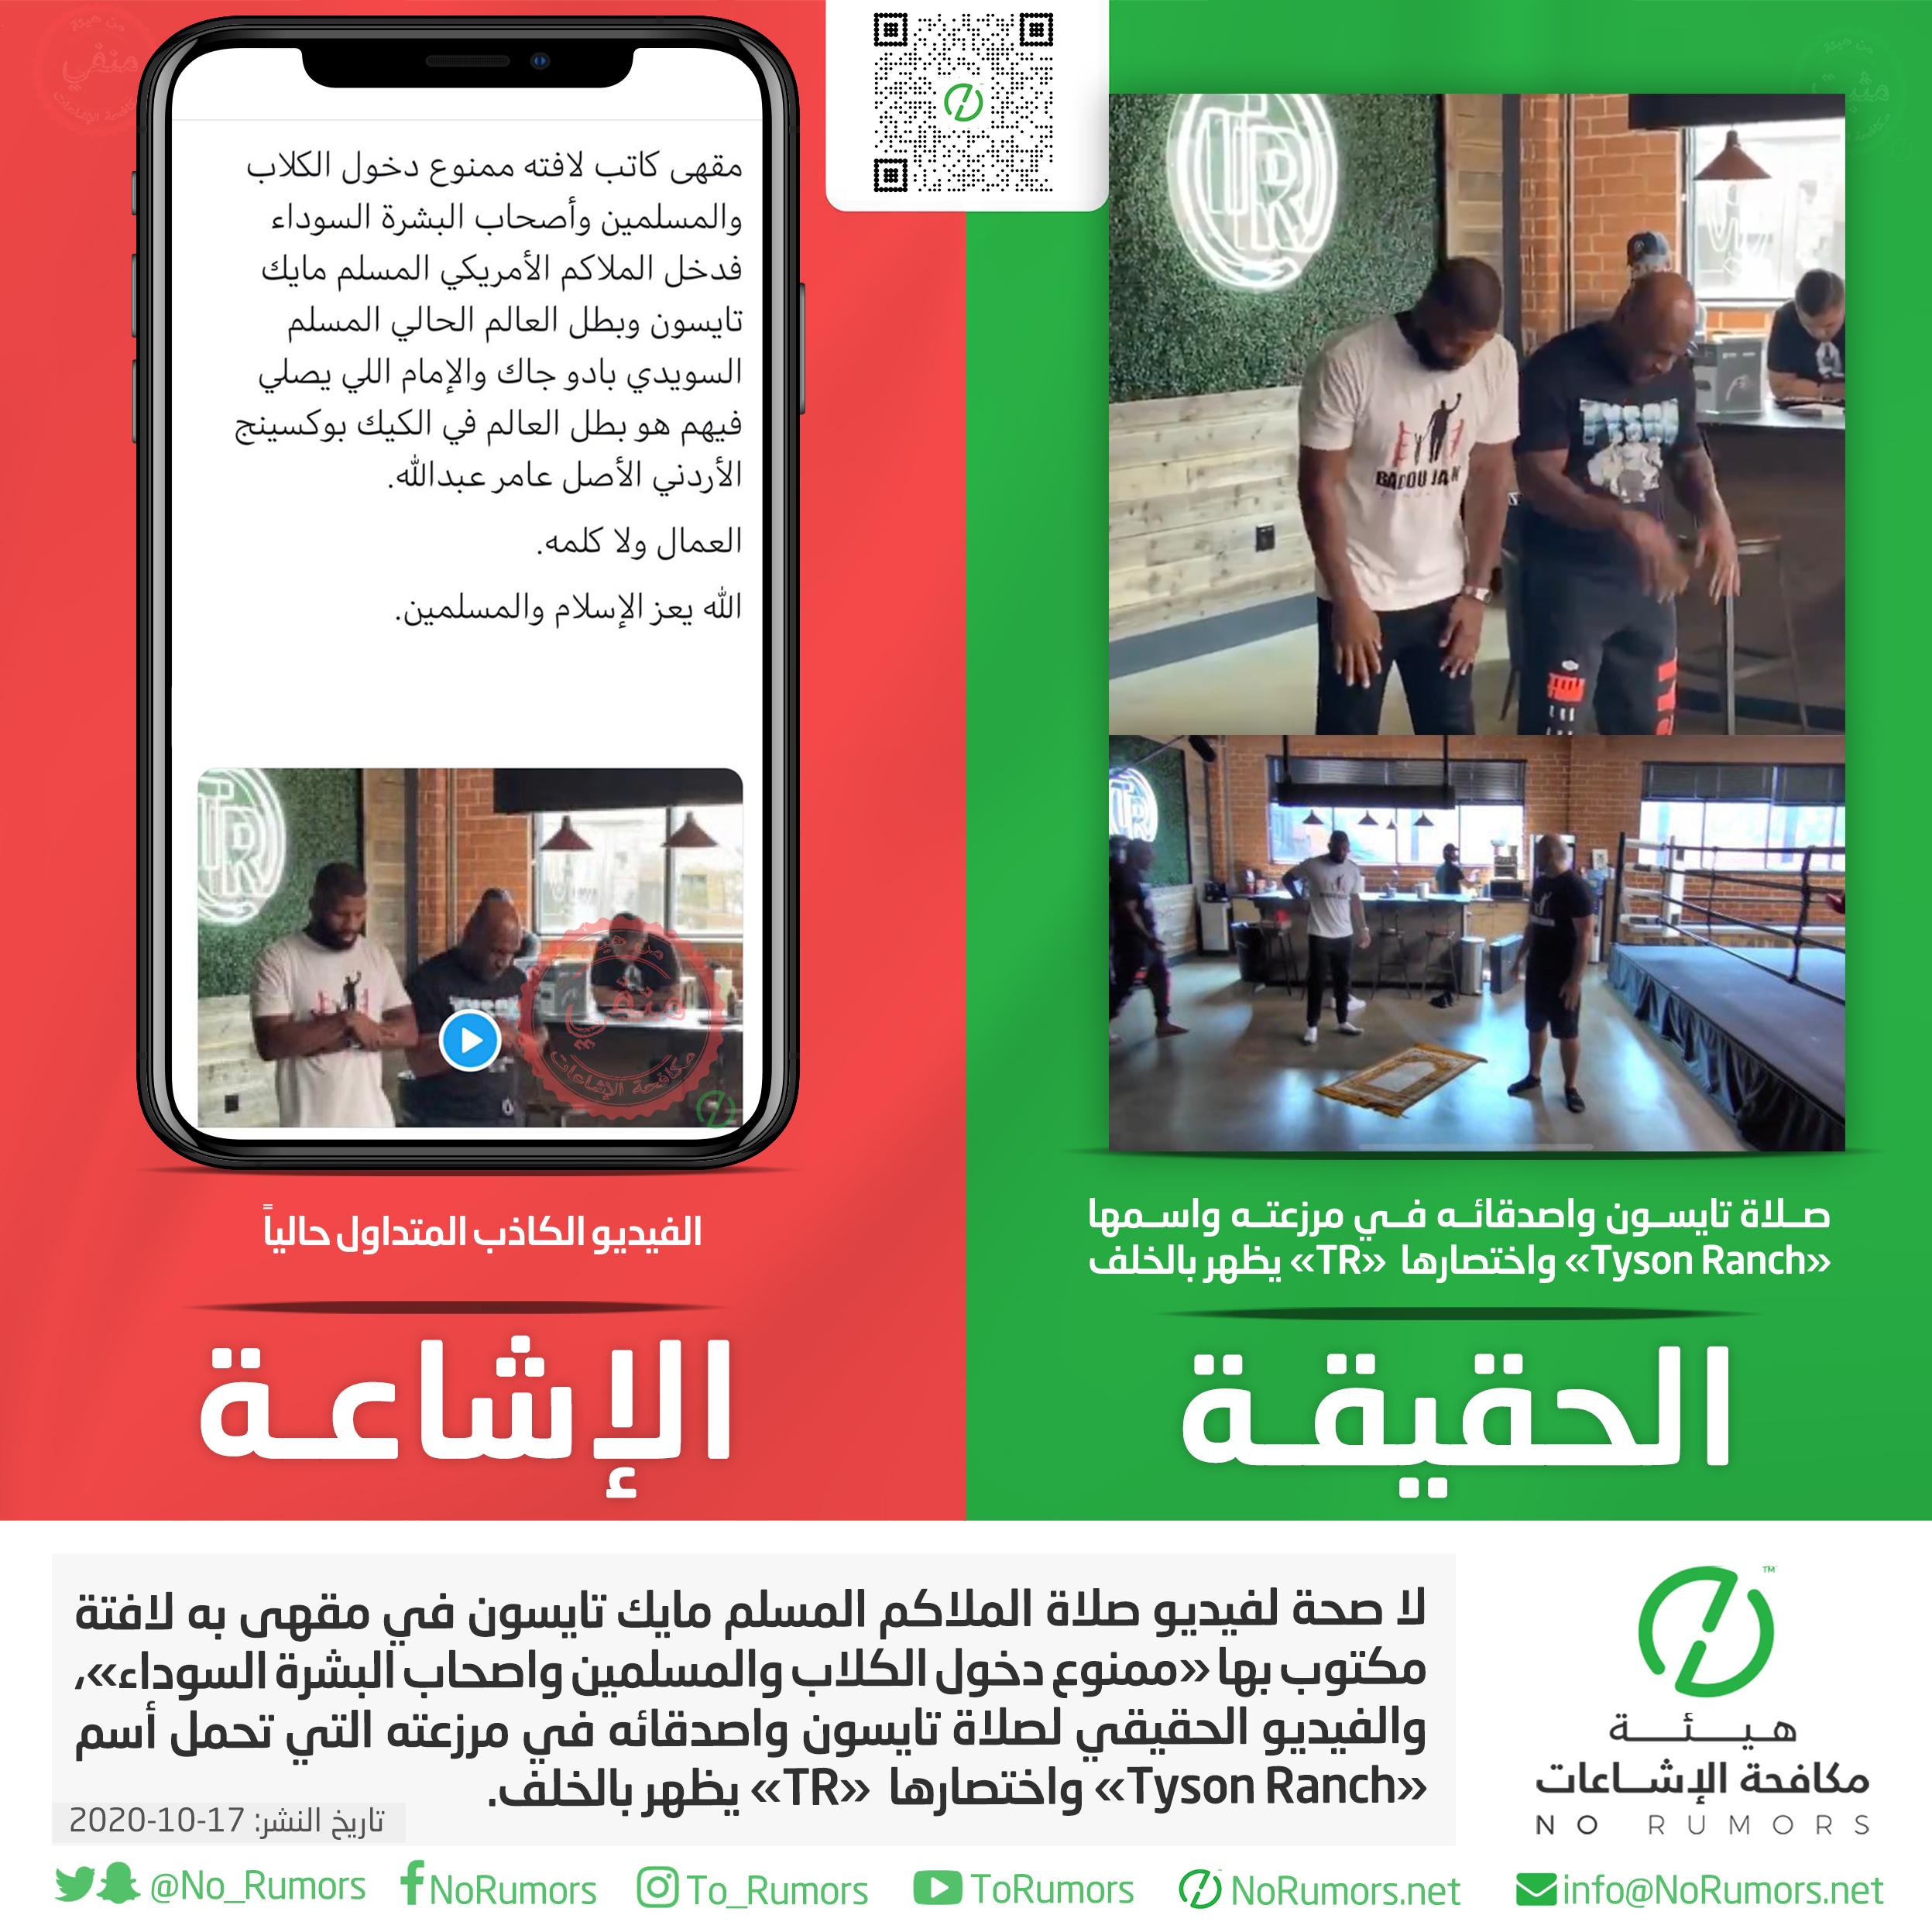 حقيقة فيديو صلاة الملاكم المسلم مايك تايسون في مقهى به لافتة مكتوب بها «ممنوع دخول الكلاب والمسلمين واصحاب البشرة السوداء»: